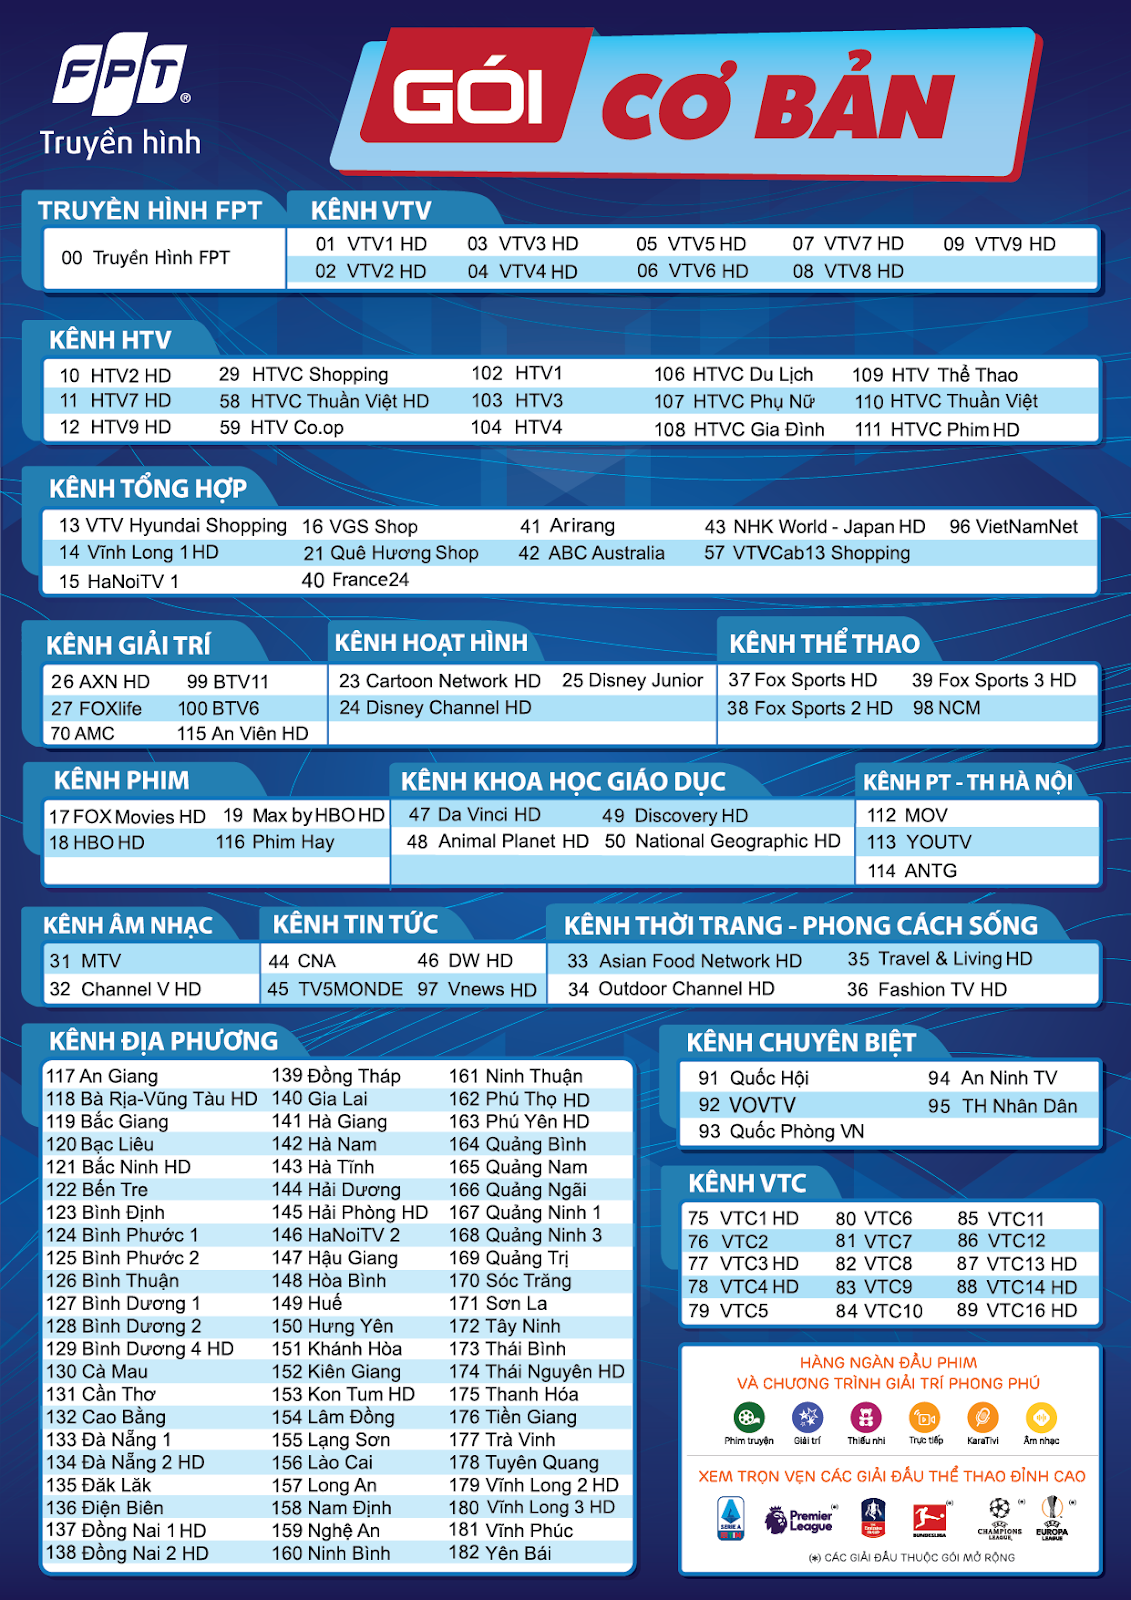 Danh sách kênh truyền hình FPT gói cơ bản 2021